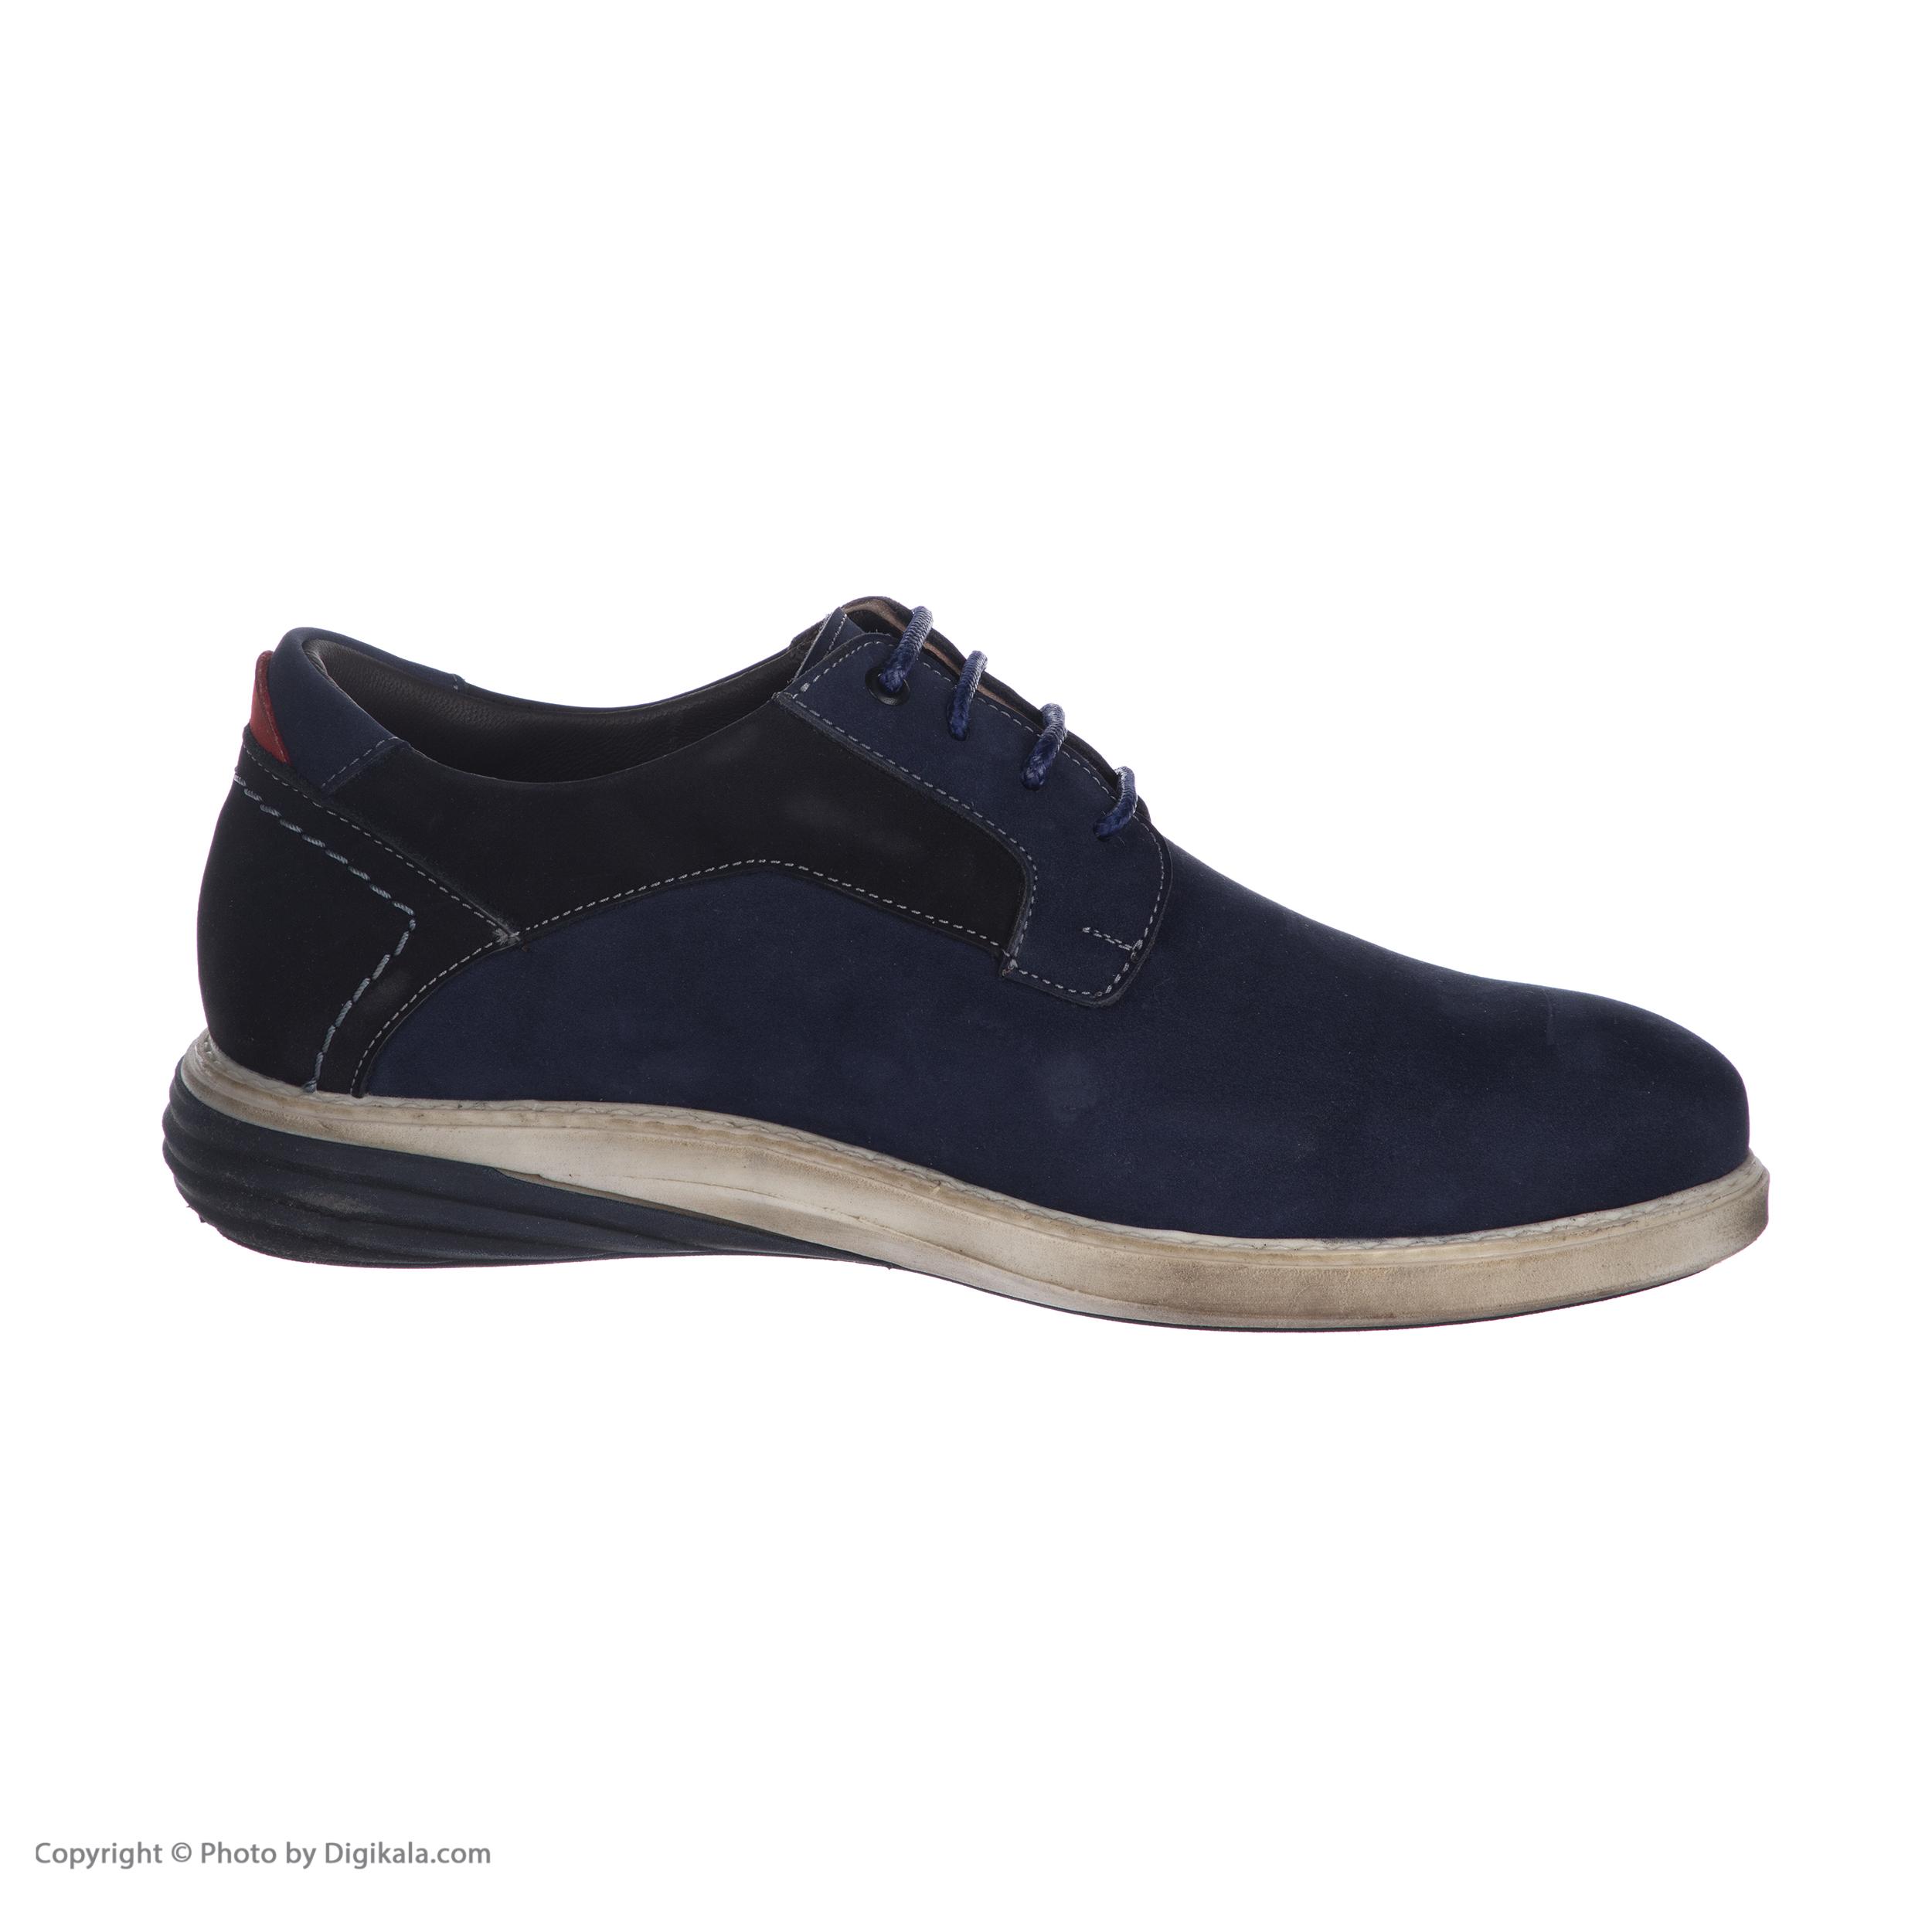 کفش روزمره مردانه دانادل مدل 8612A503103 -  - 5